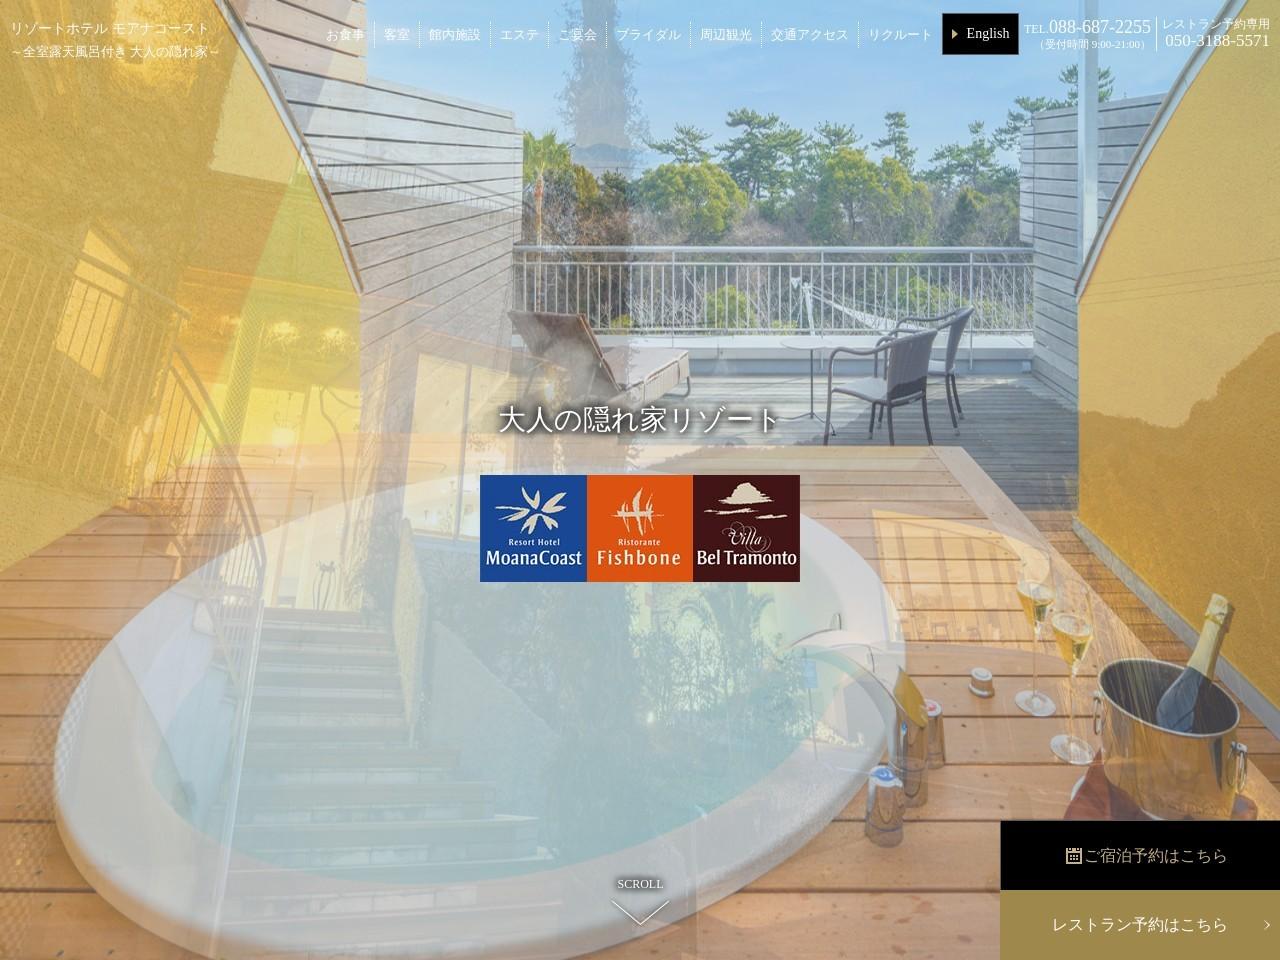 鳴門の隠れ家リゾートホテルモアナコースト【公式サイト】|徳島で本格イタリアンが食べられる宿